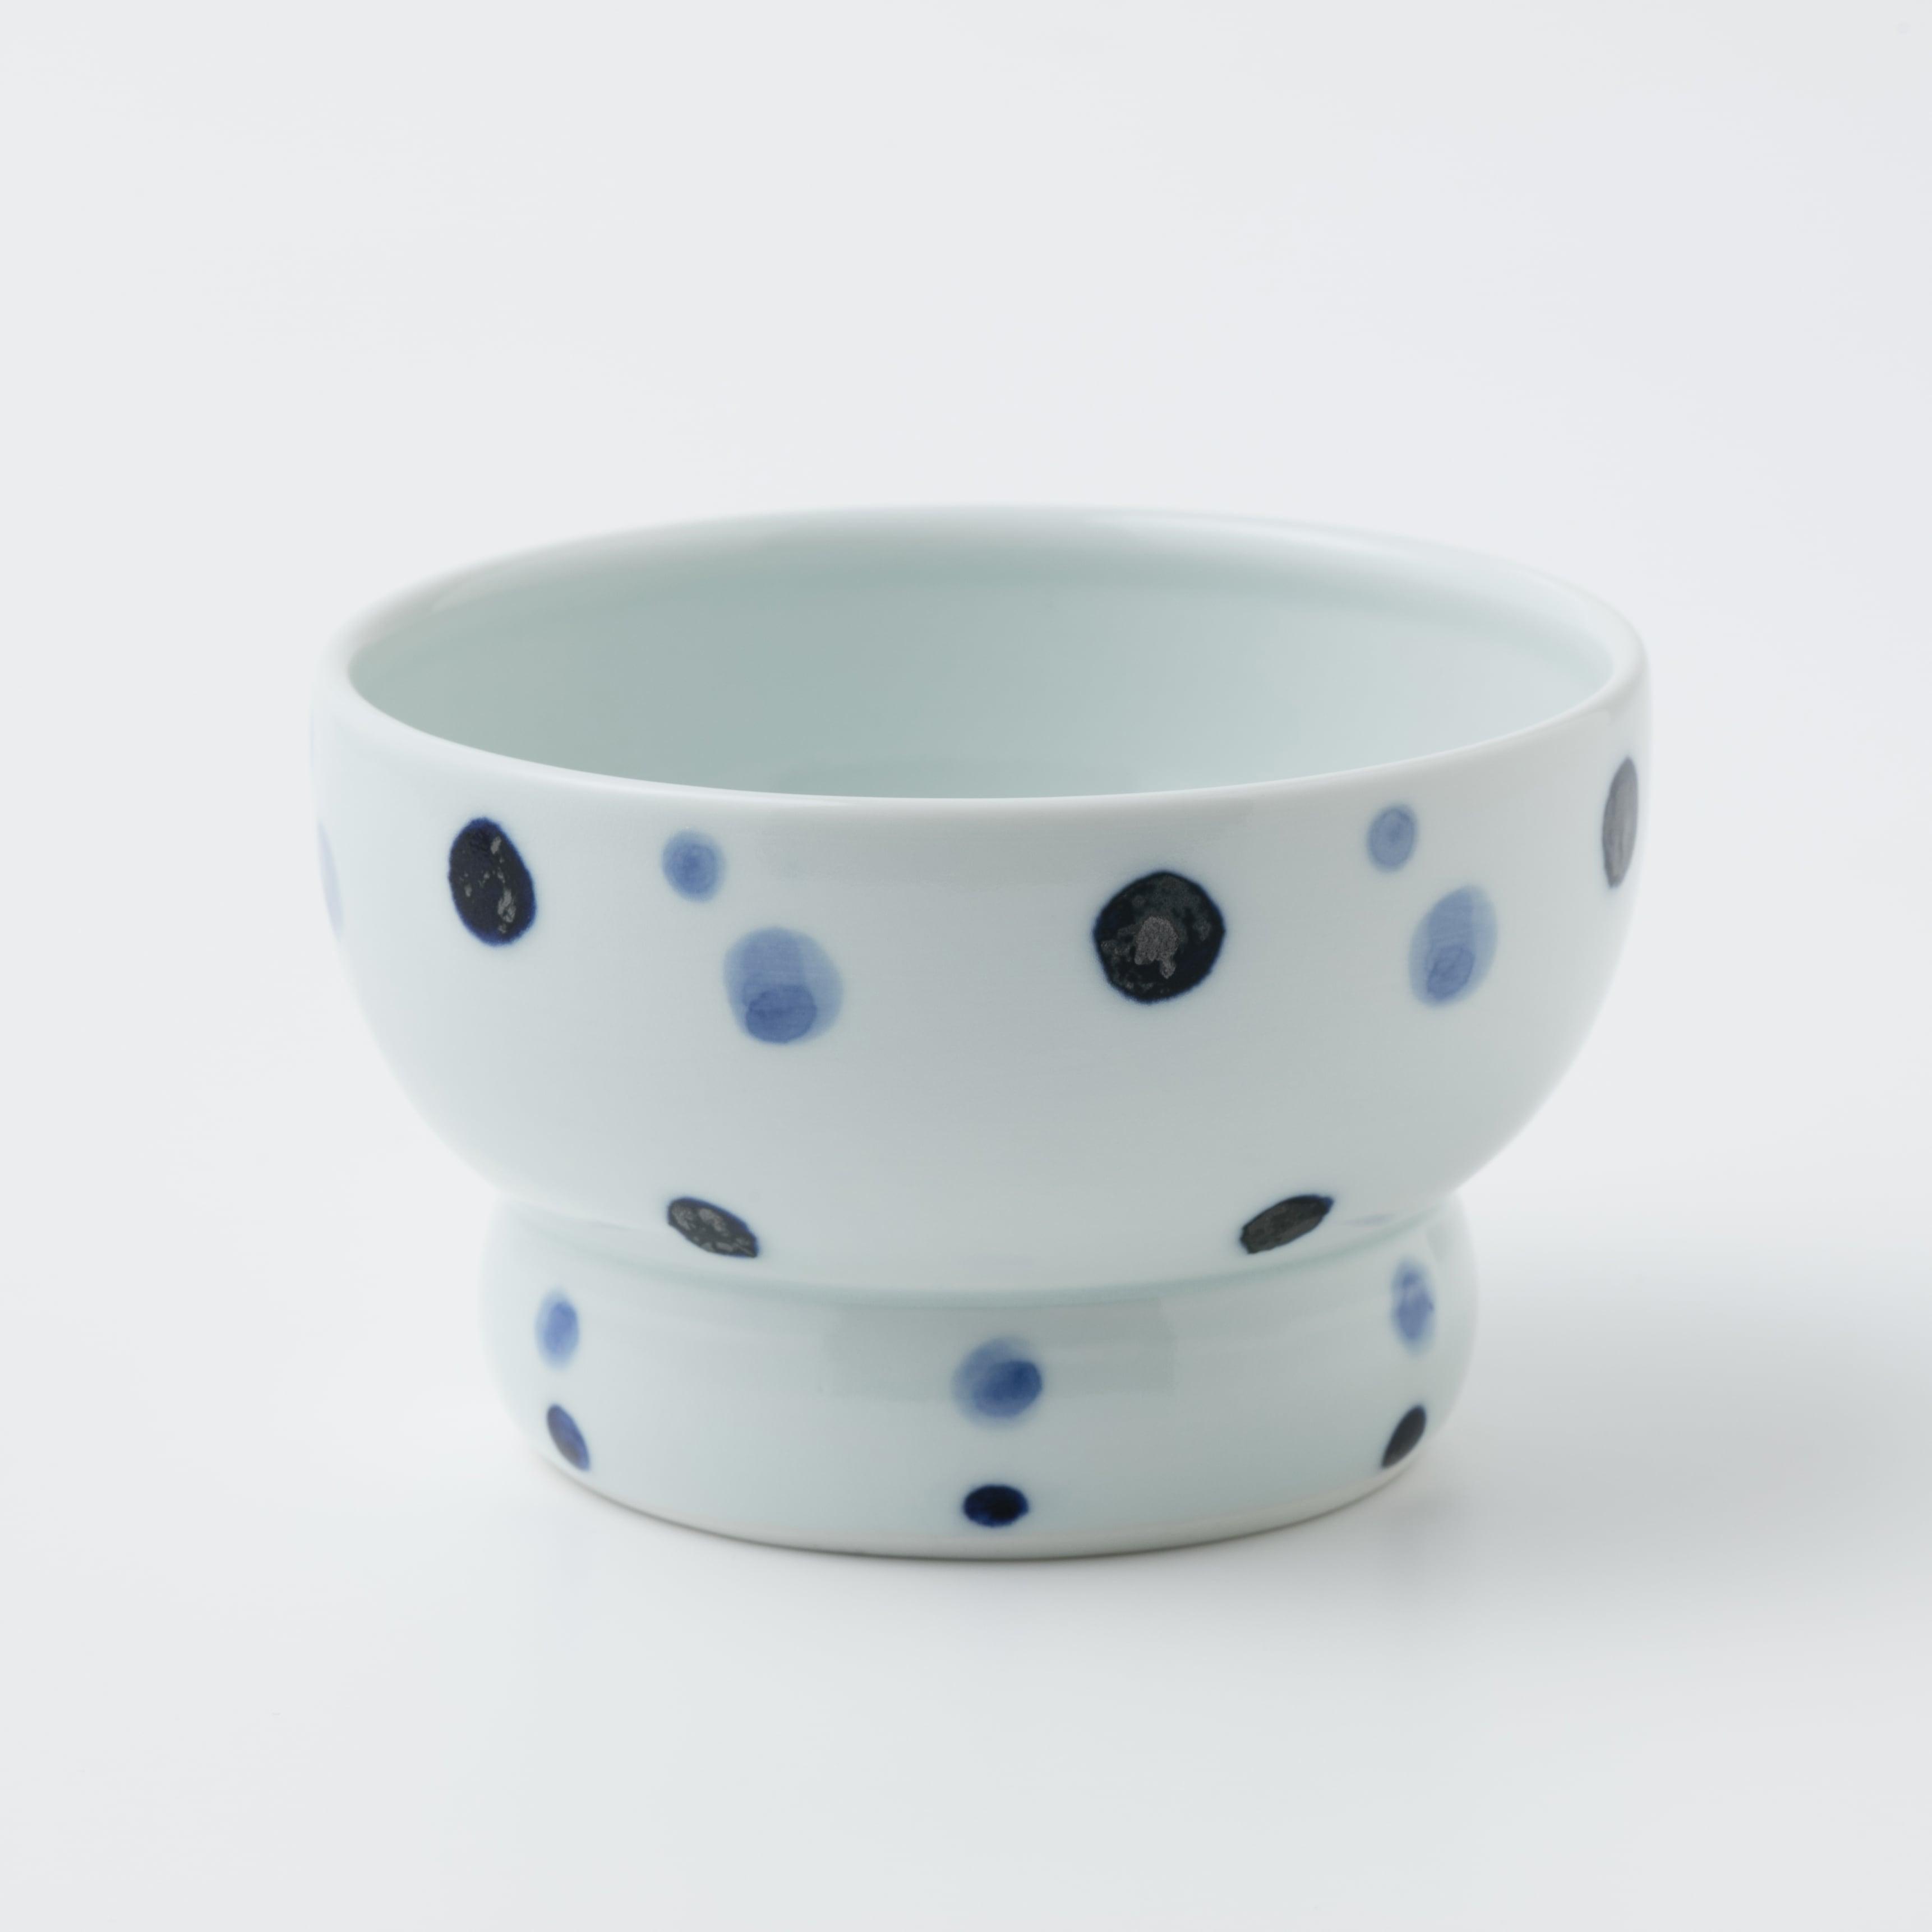 有田焼【まどか】 ロータイプ(水用) 青い水玉 製造:江口製陶所